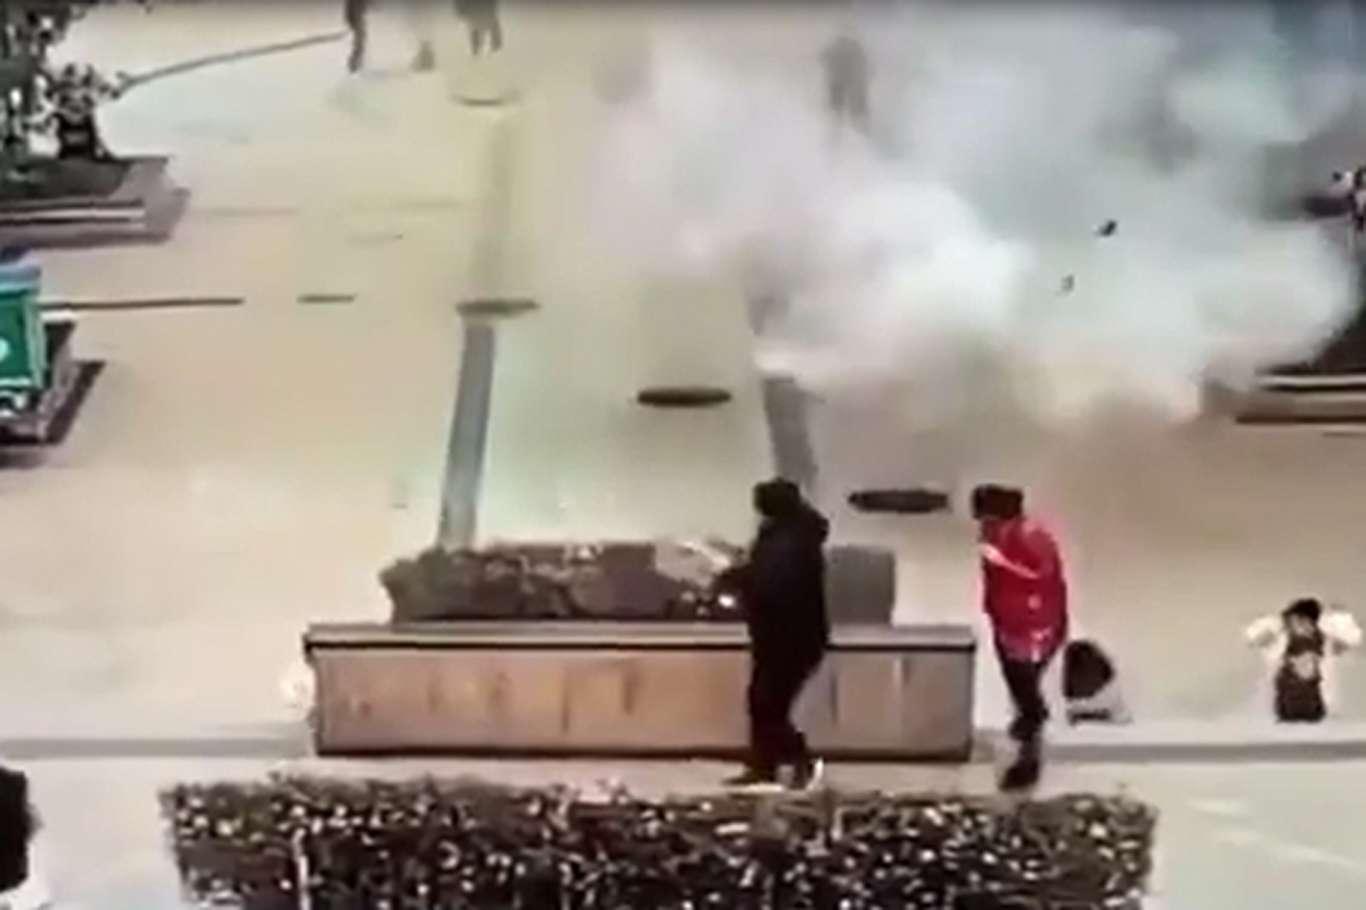 Çin'de Korku Dolu Anlar: Torpil Kapakları Havaya Uçurdu